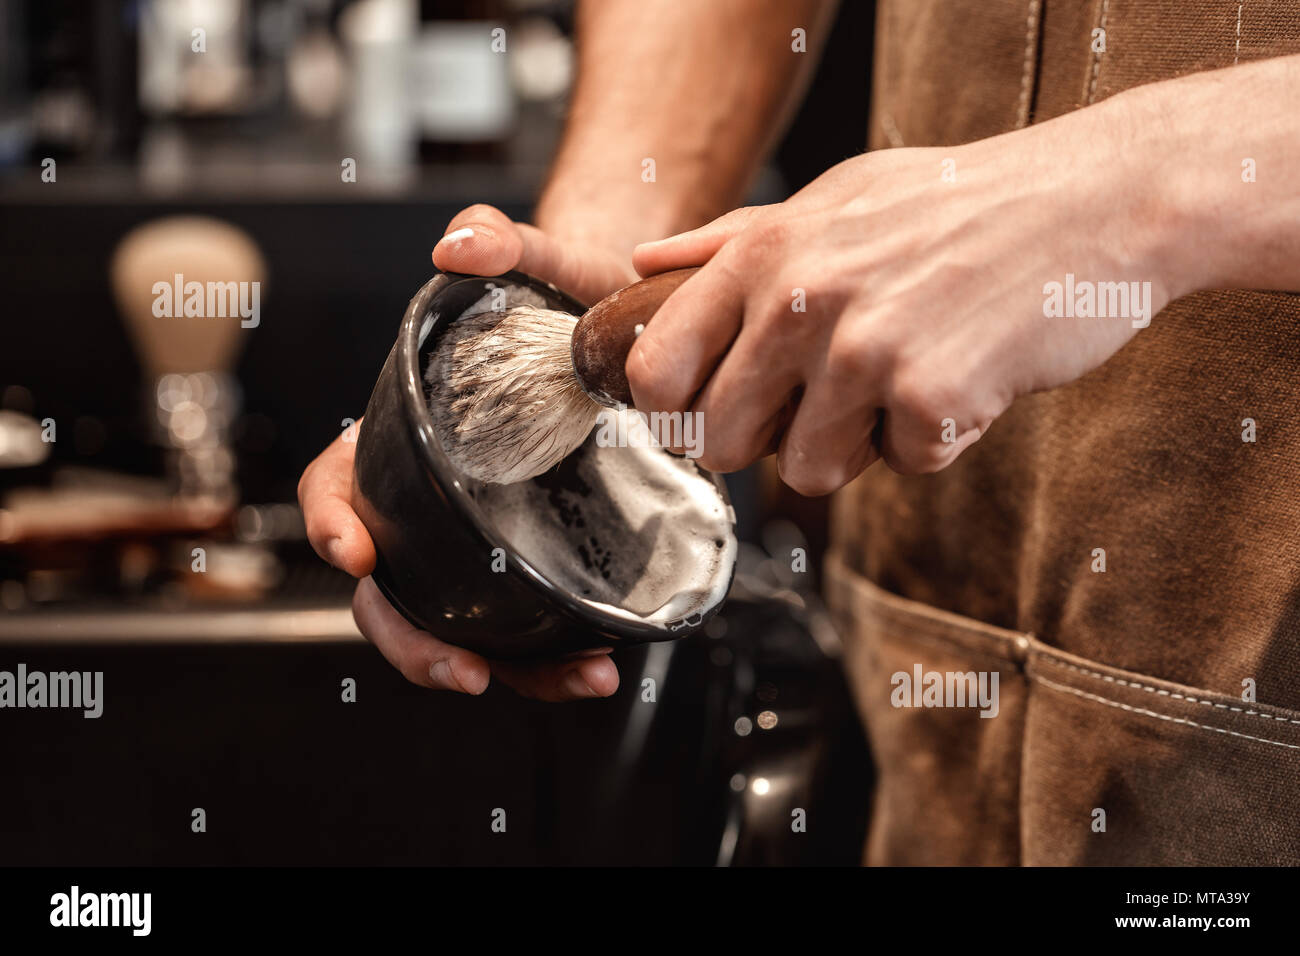 brush for shaving beard and bowl. - Stock Image